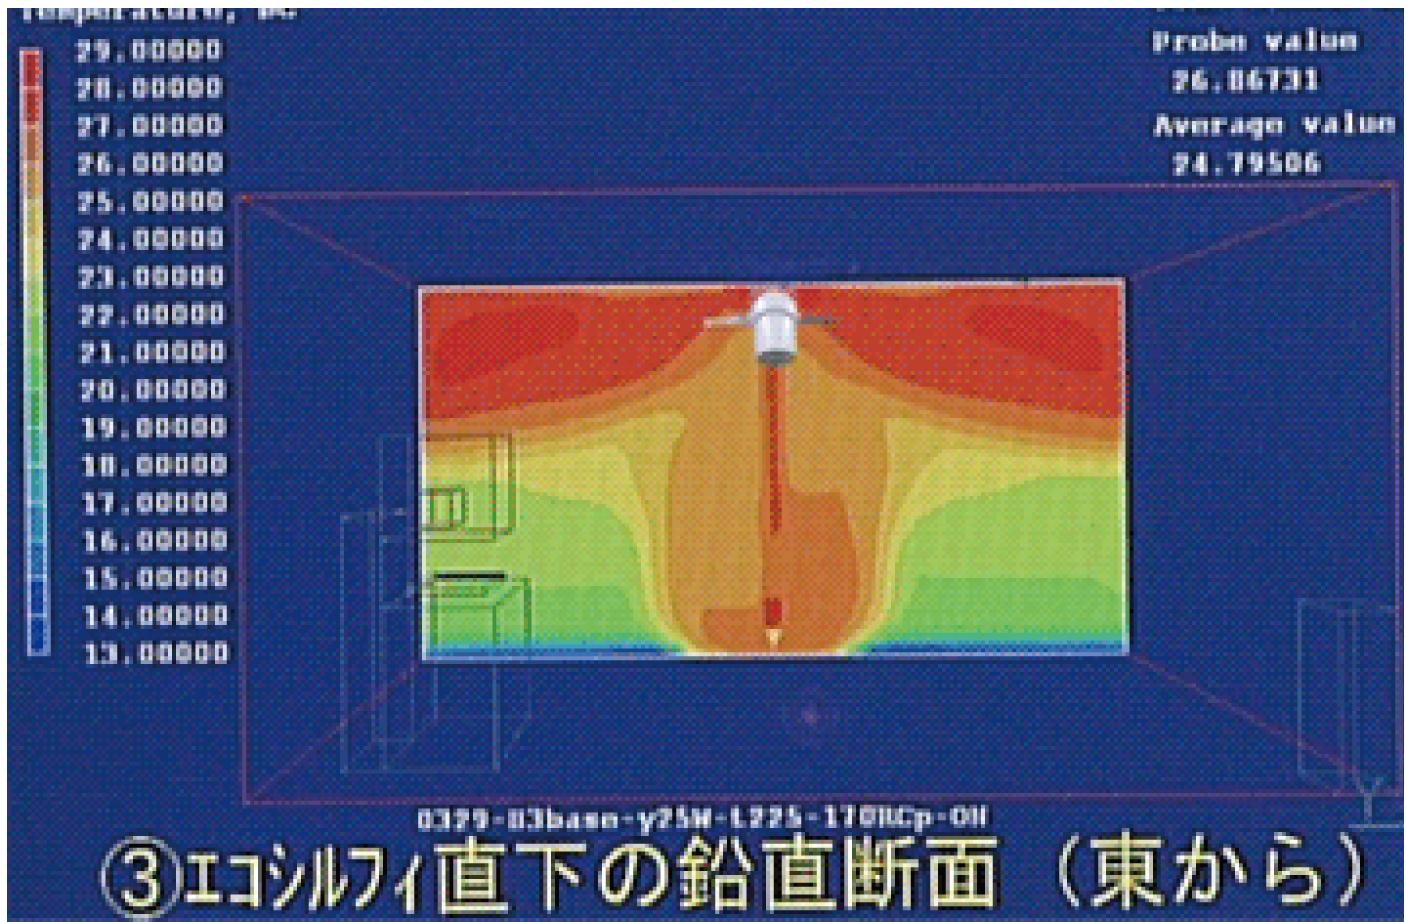 垂直断面図